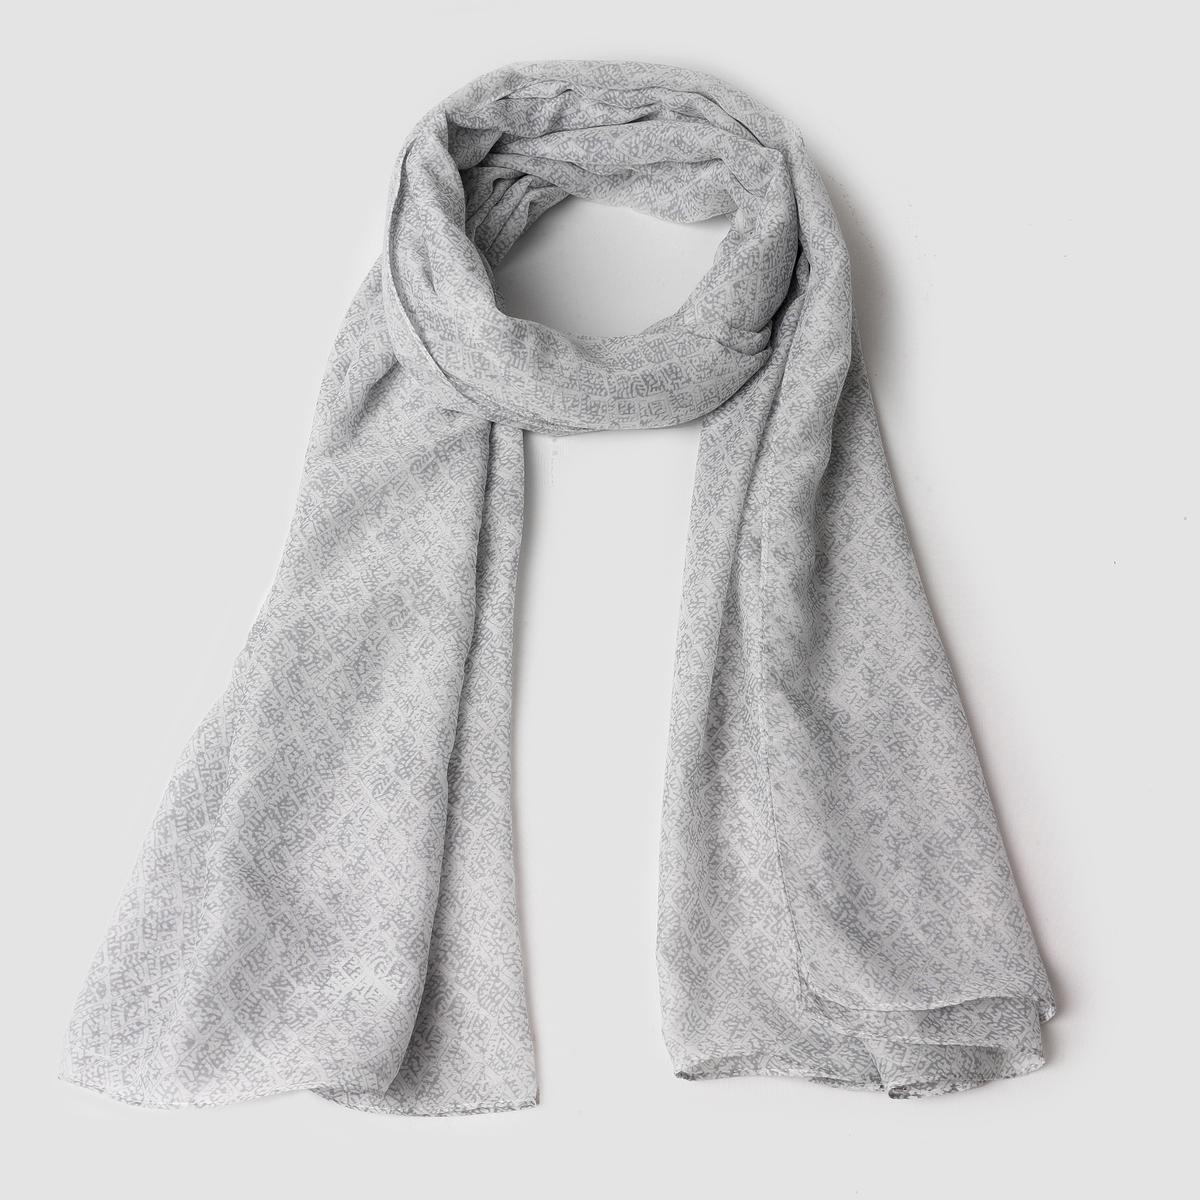 Длинный легкий шарф с рисункомУтонченный шарф с рисунком. 100% полиэстер. Разм. 190 x 95 см.<br><br>Цвет: светло-серый